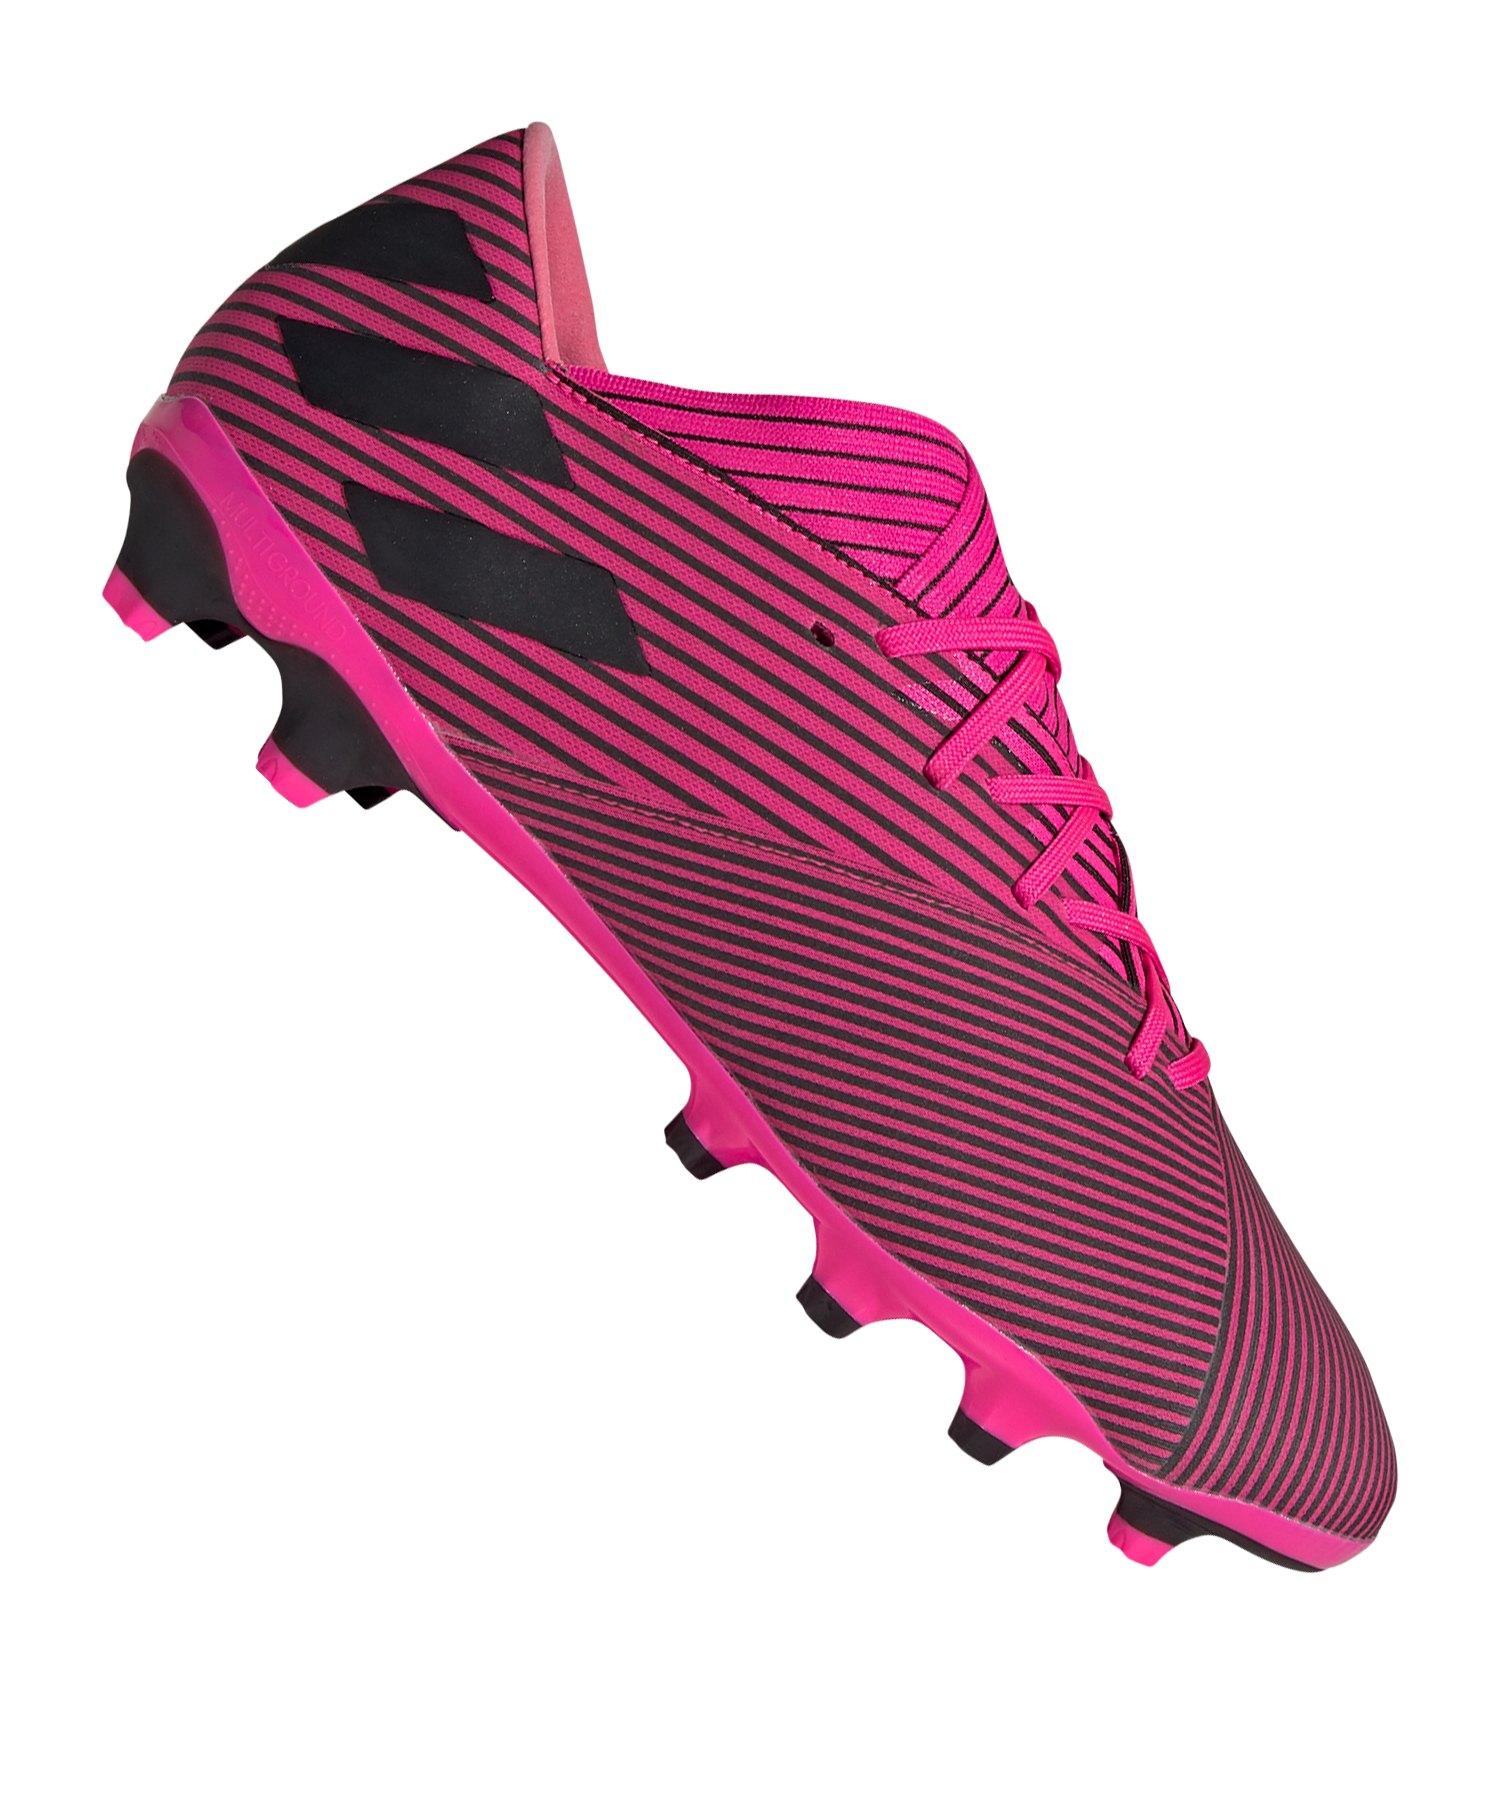 adidas NEMEZIZ 19.2 MG Pink - pink